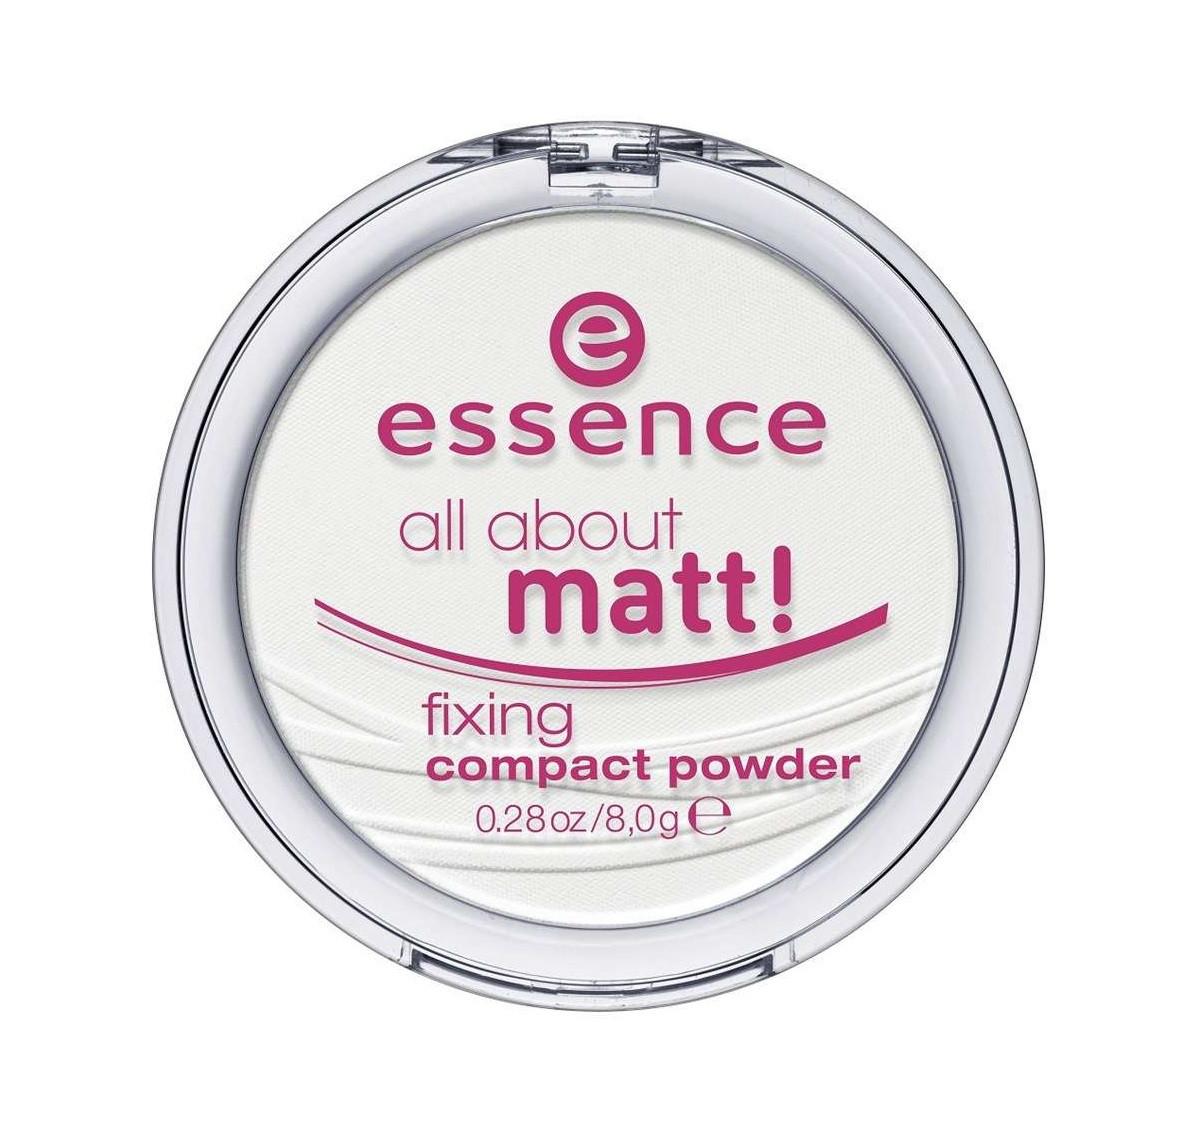 Компактная матирующая пудра Essence All About Matt!